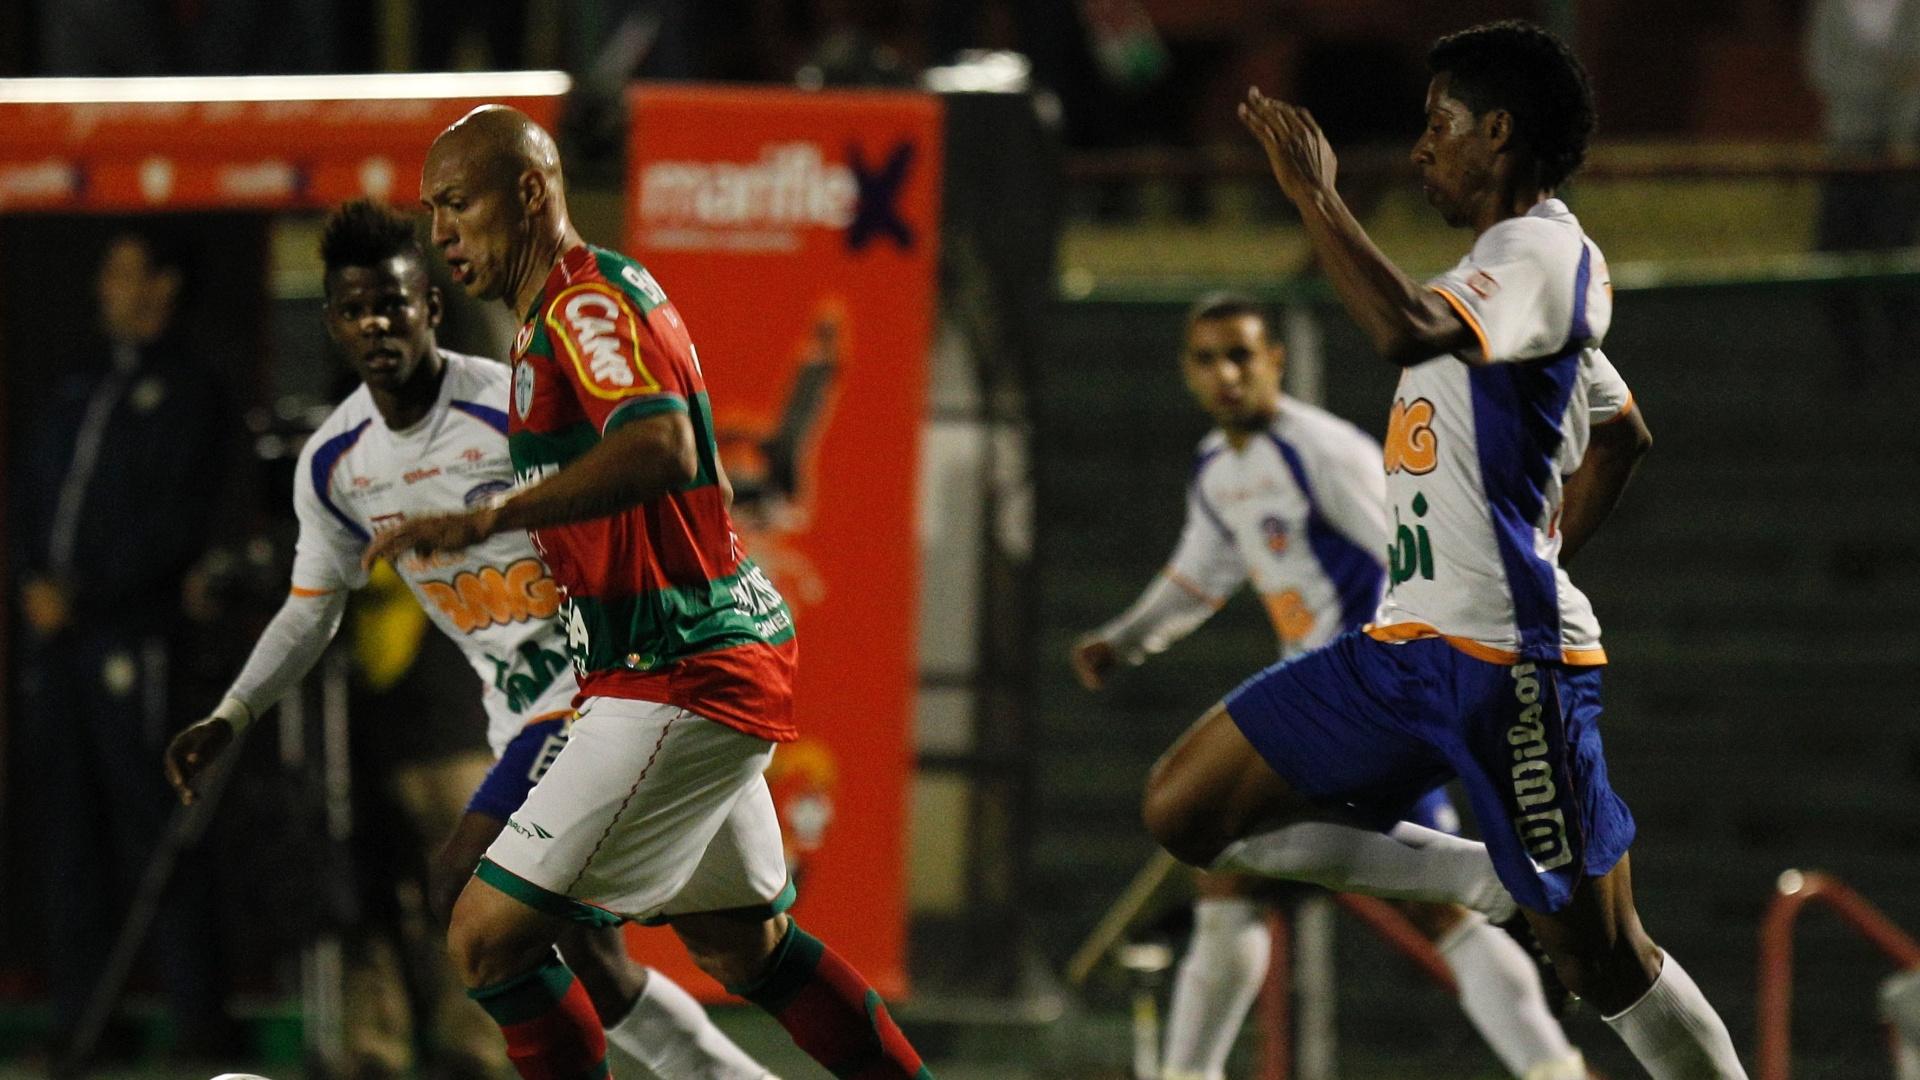 O atacante Edno tenta jogada individual durante a partida entre Portuguesa e Duque de Caxias, pela Série B